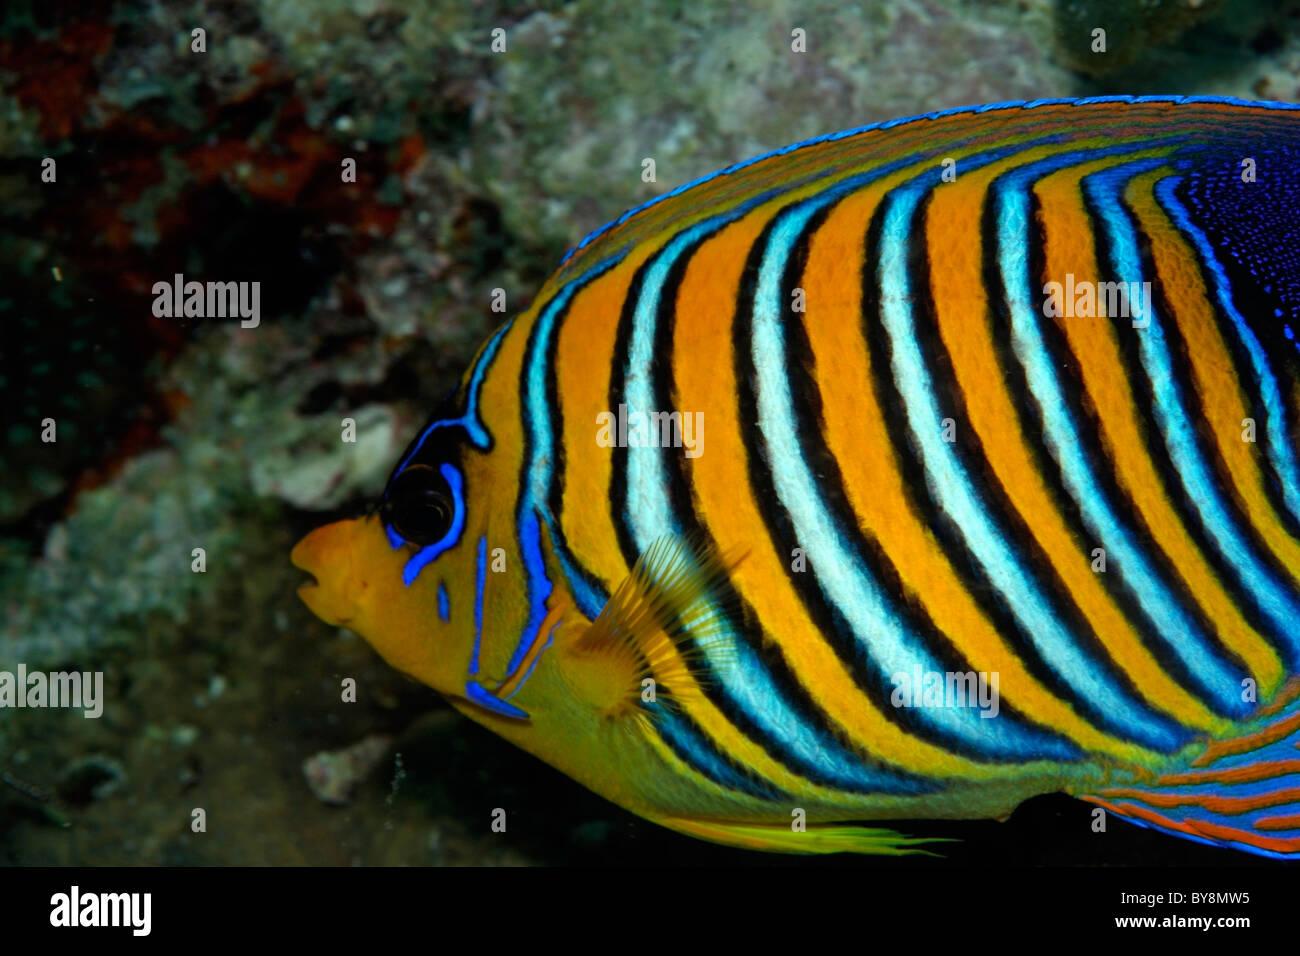 Regal Angelfish - Pygoplites diacanthus - swimming - Stock Image